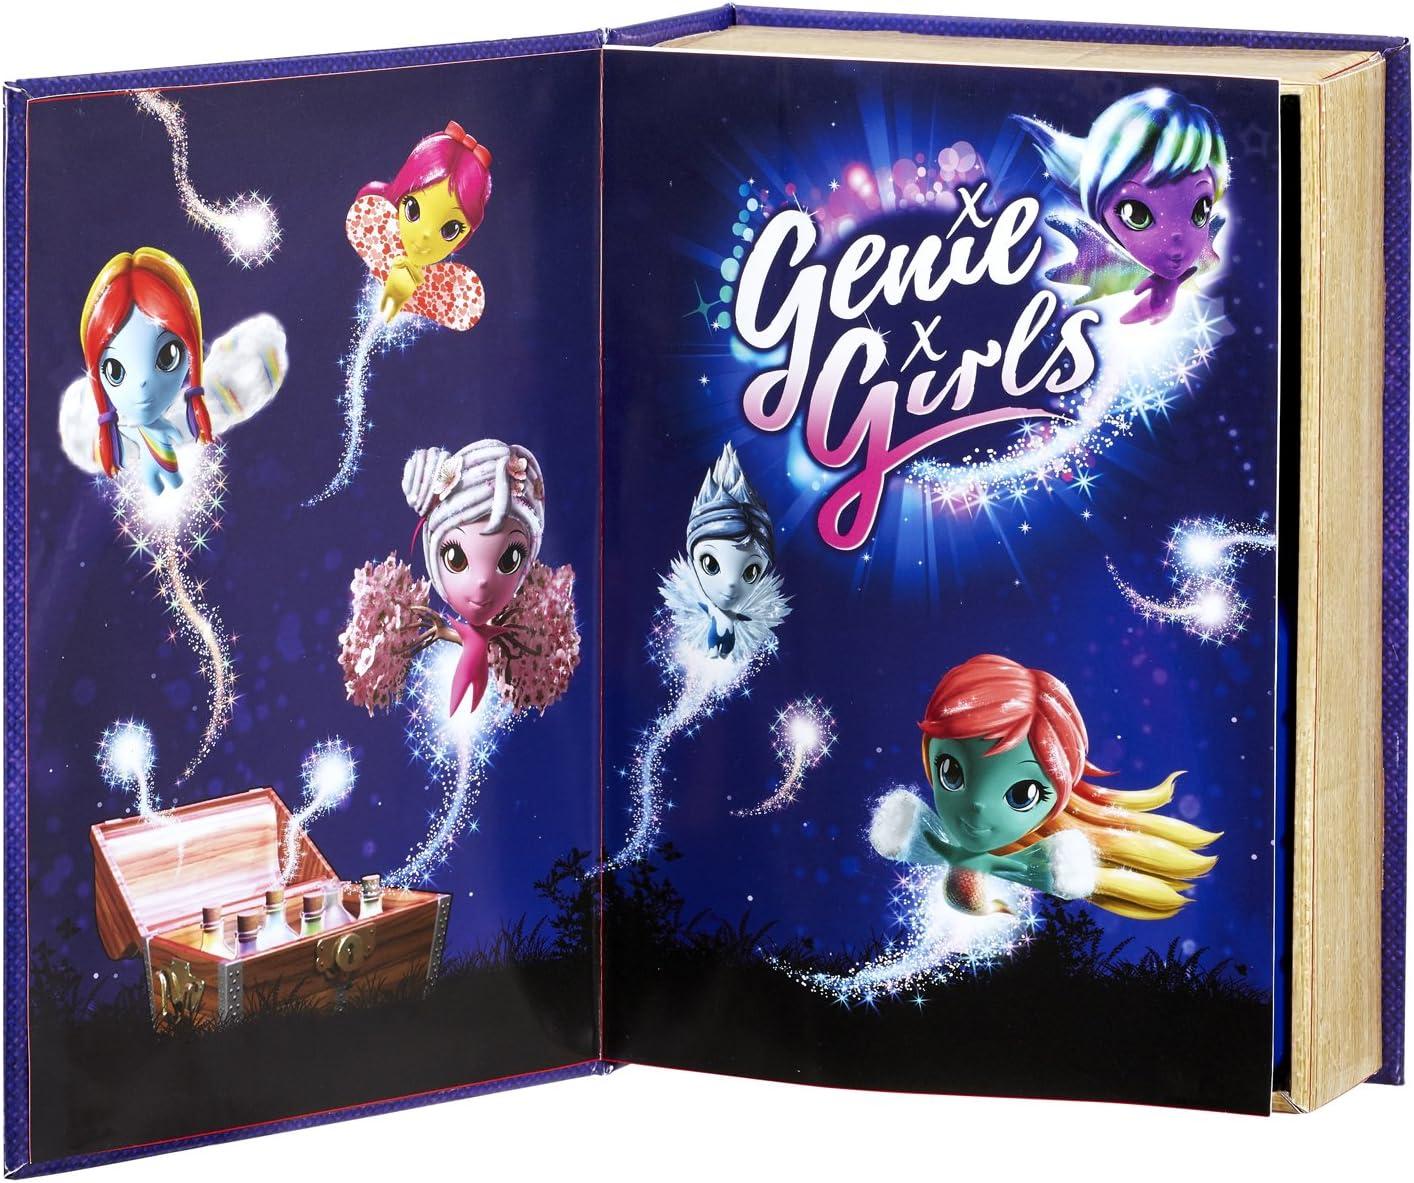 Genie Girls Libro de los Deseos de Las ni/ñas Genio